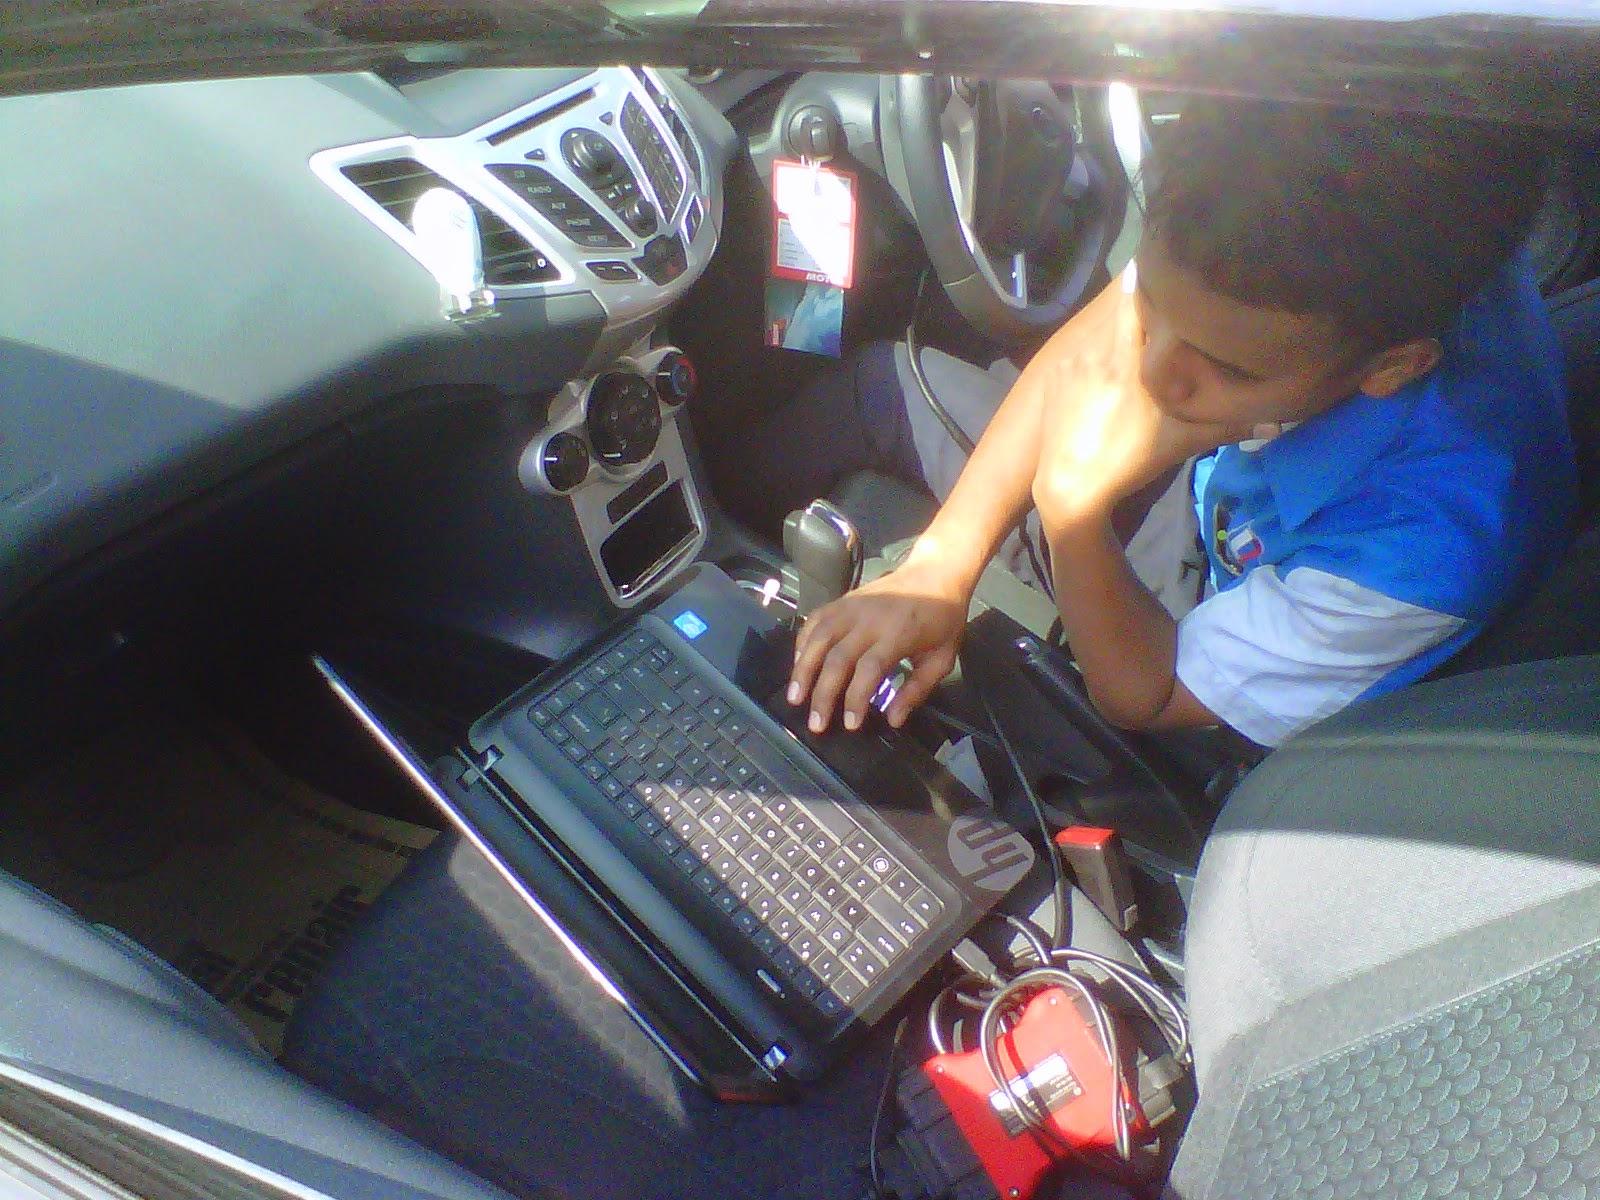 Akirnya Mobil Service Yang Dinantikan Datang Juga Mantab Bawa Laptop Segala Untuk Checking Enginenya Dan Sistemnya